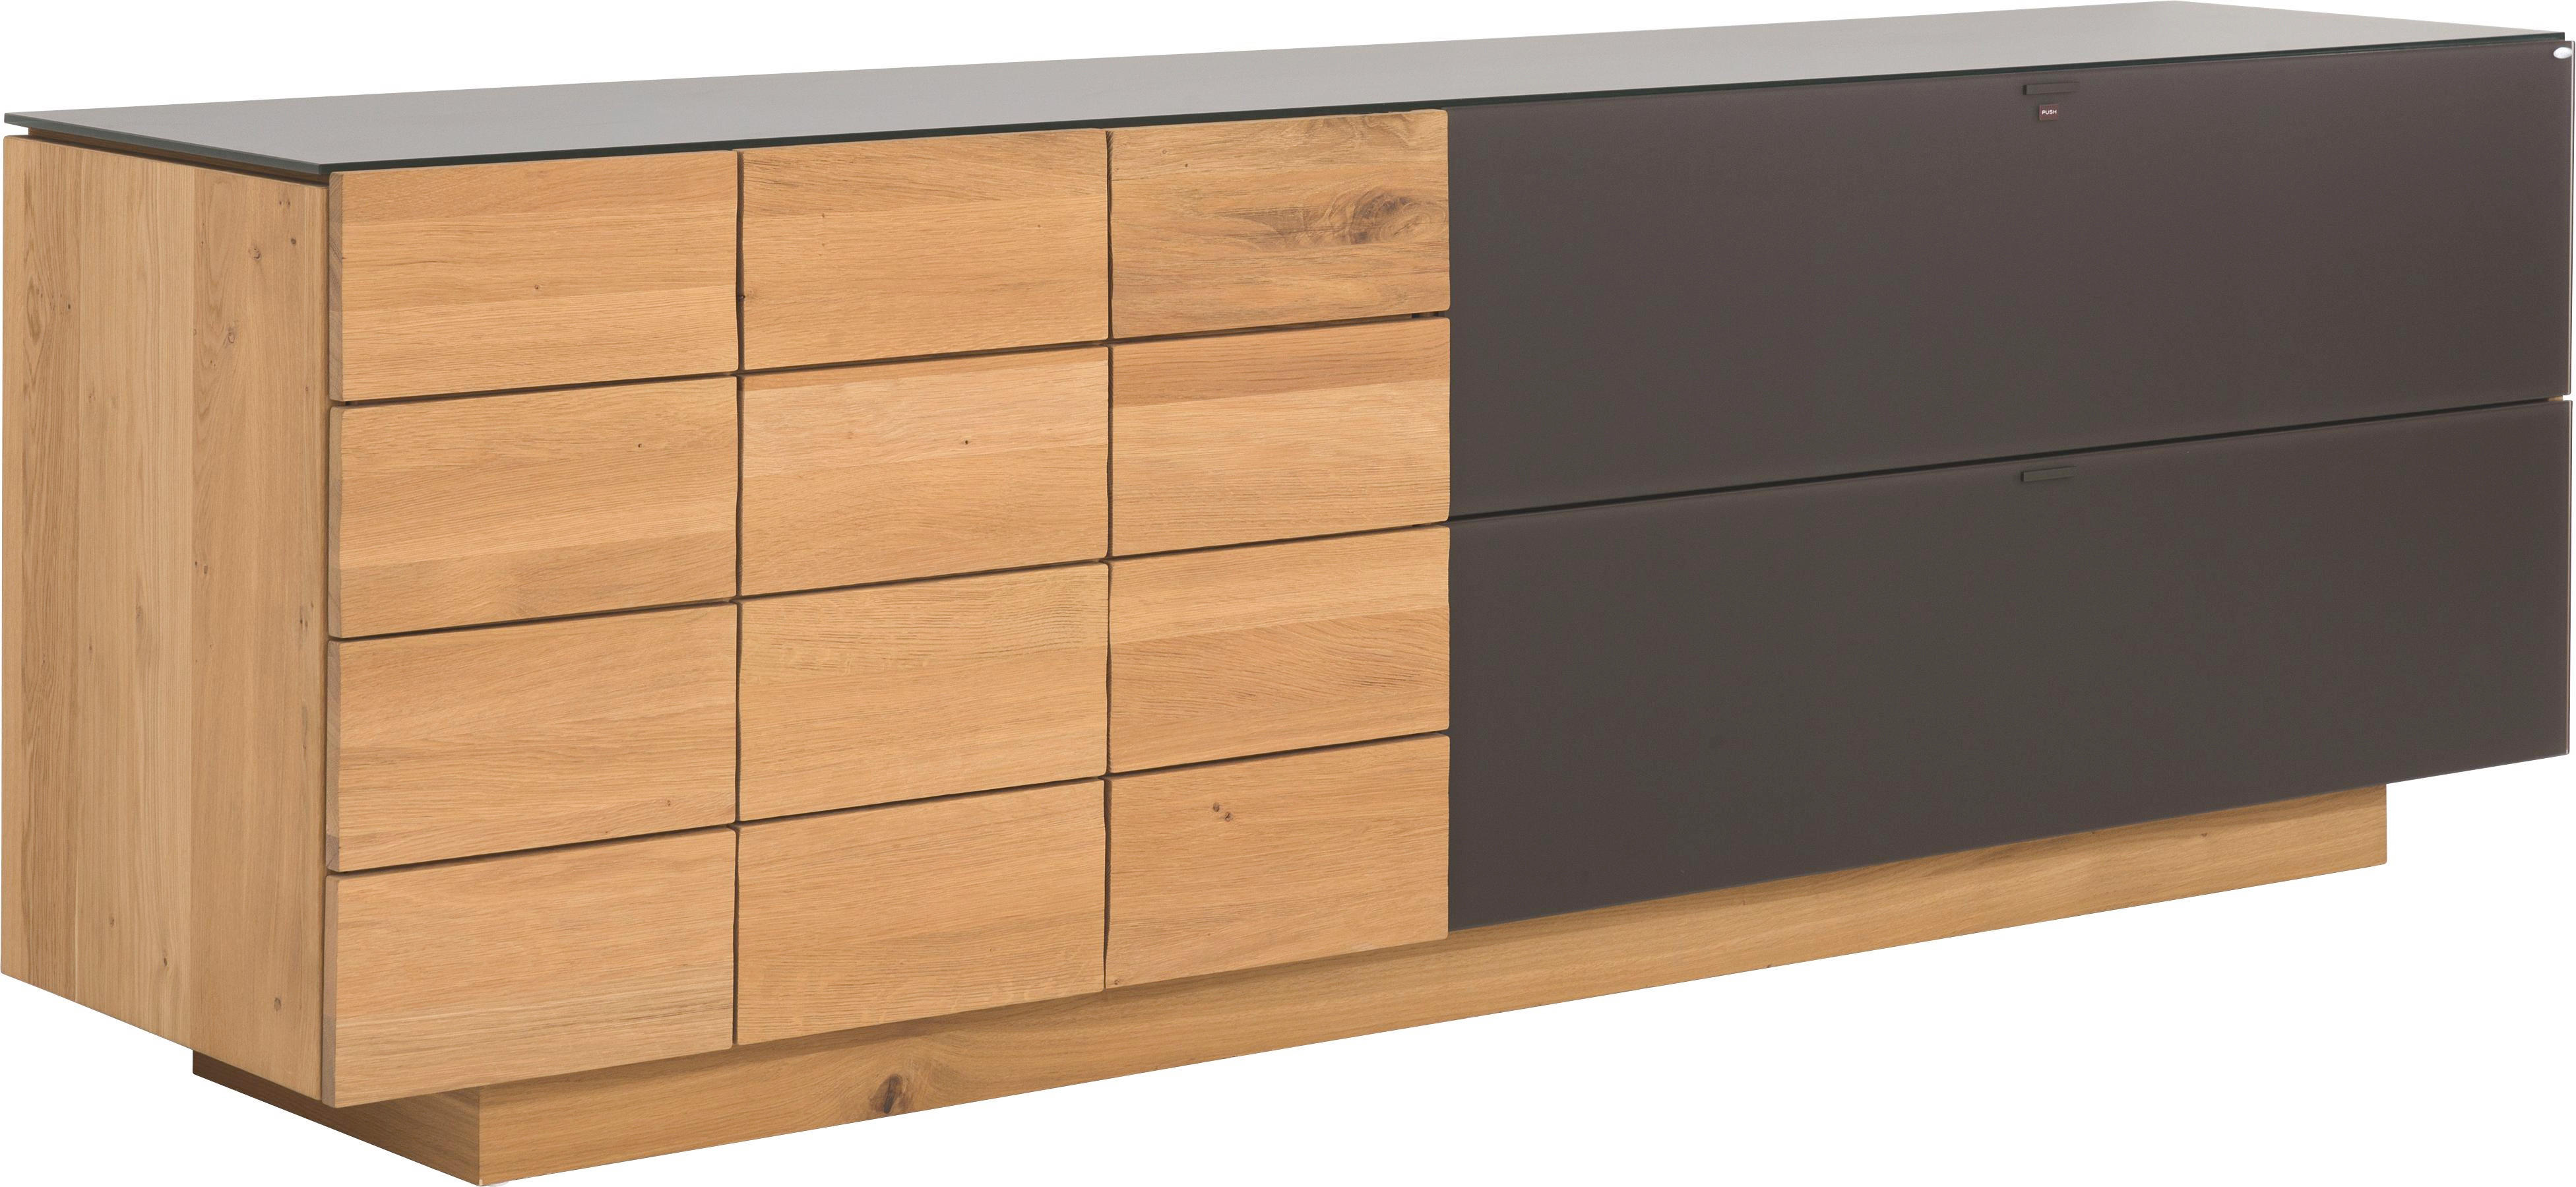 SIDEBOARD in massiv, mehrschichtige Massivholzplatte (Tischlerplatte) Wildeiche Braun, Eichefarben - Eichefarben/Braun, Design, Glas/Holz (224/73.4/51.8cm) - VOGLAUER